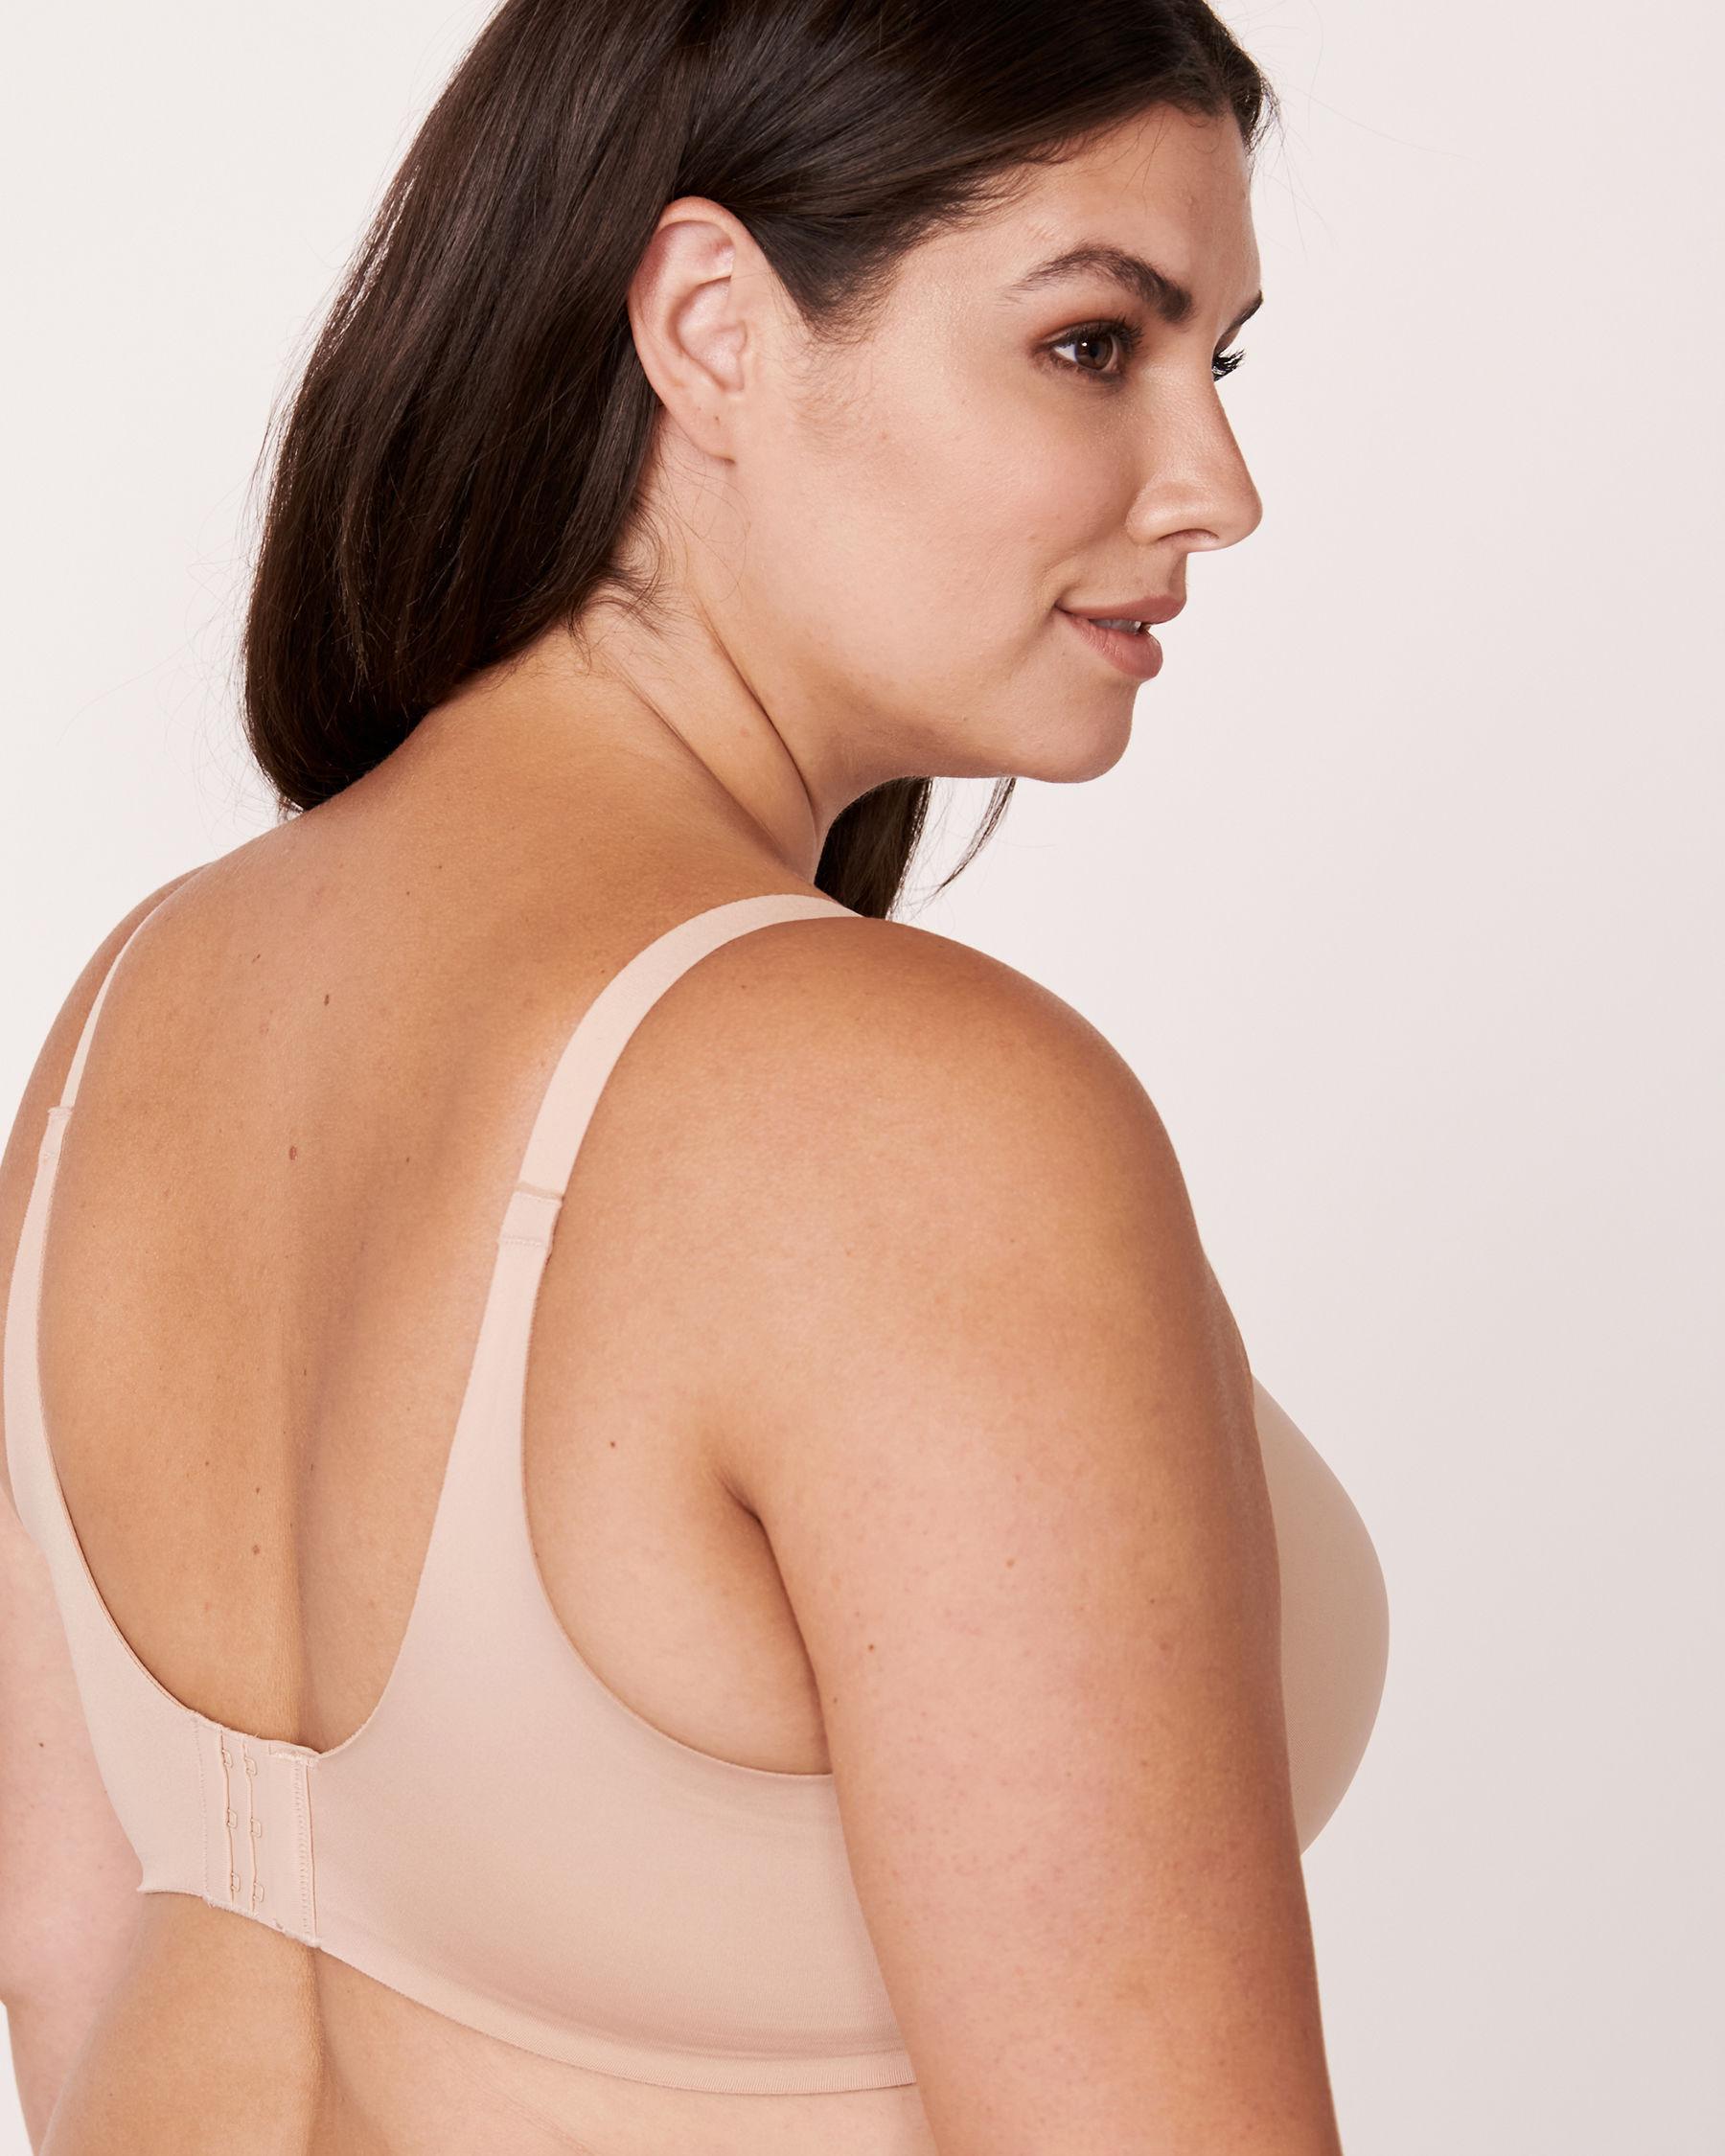 LA VIE EN ROSE Lightly Lined Sleek Back Bra Neutral 169-113-1-00 - View2